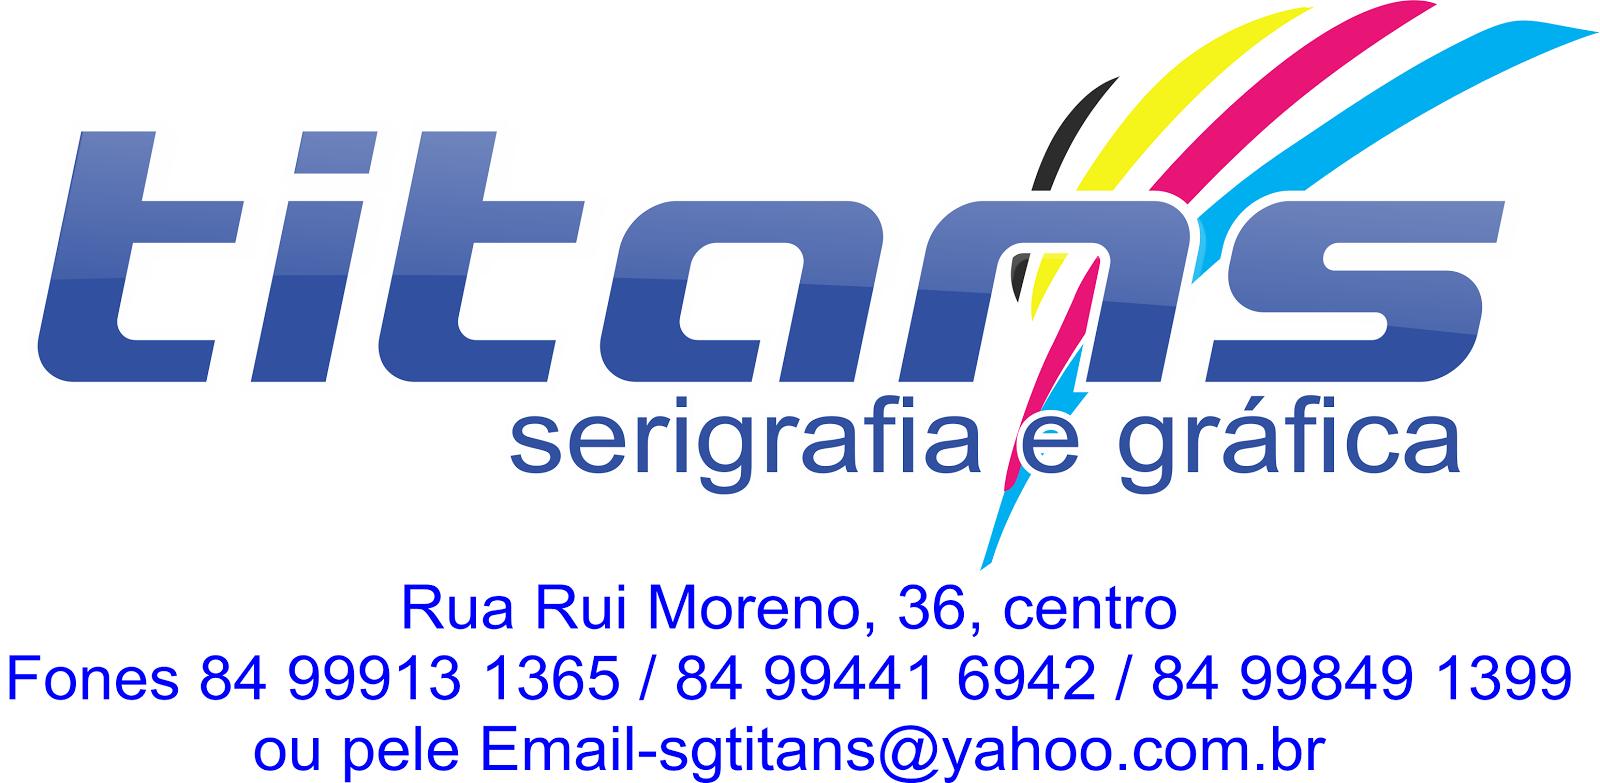 SERIGRAFIA E GRÁFICA TITANS